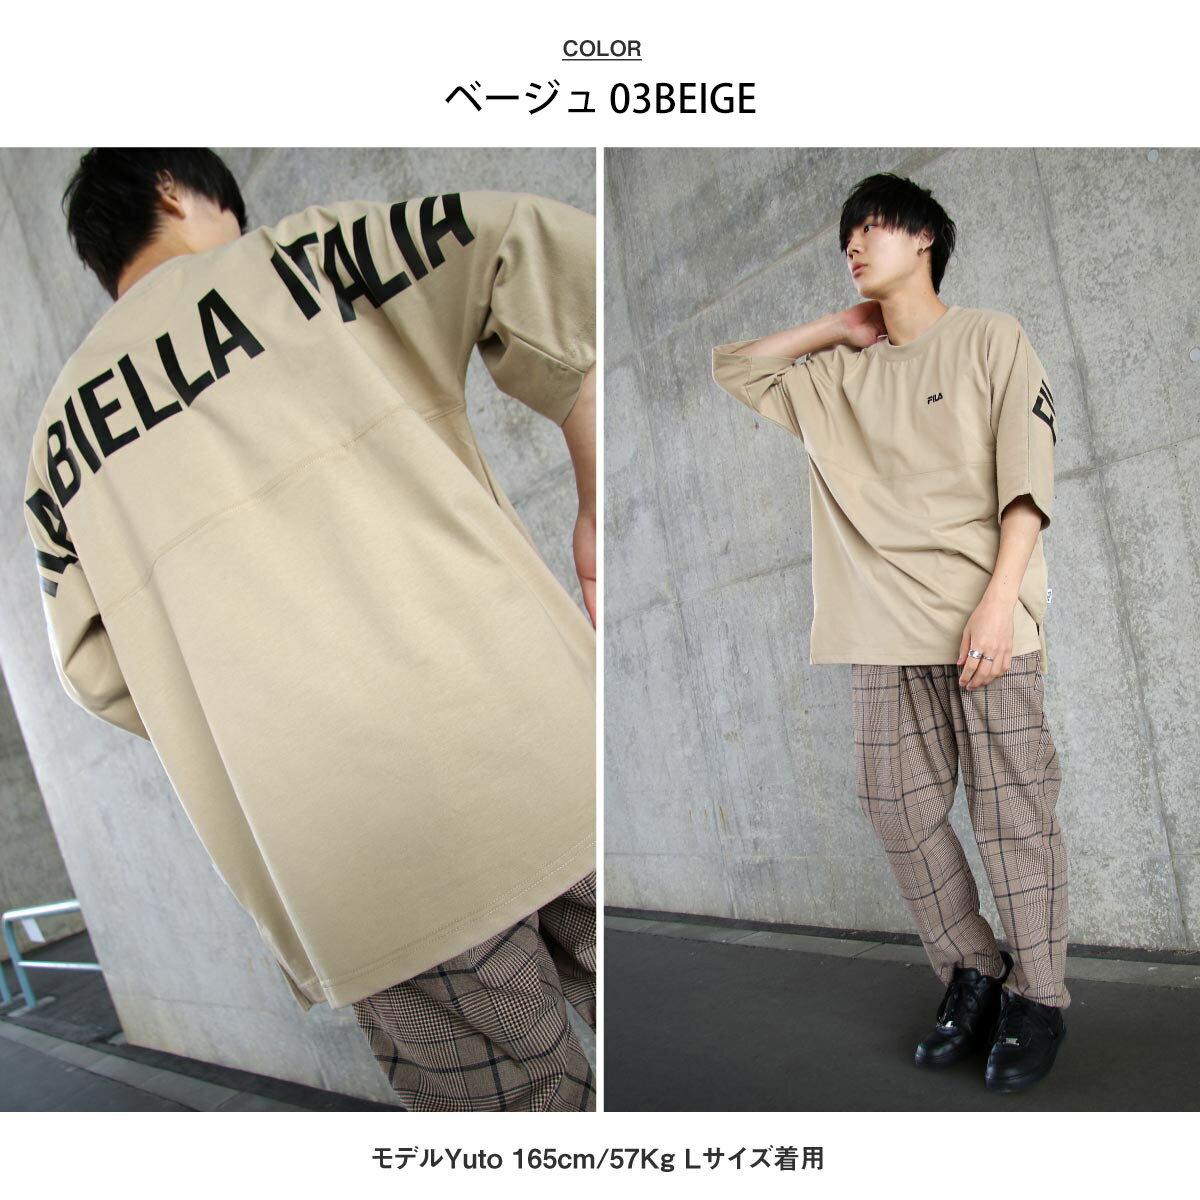 【FILA】背面印刷寬版短袖T恤 OVERSIZE 6